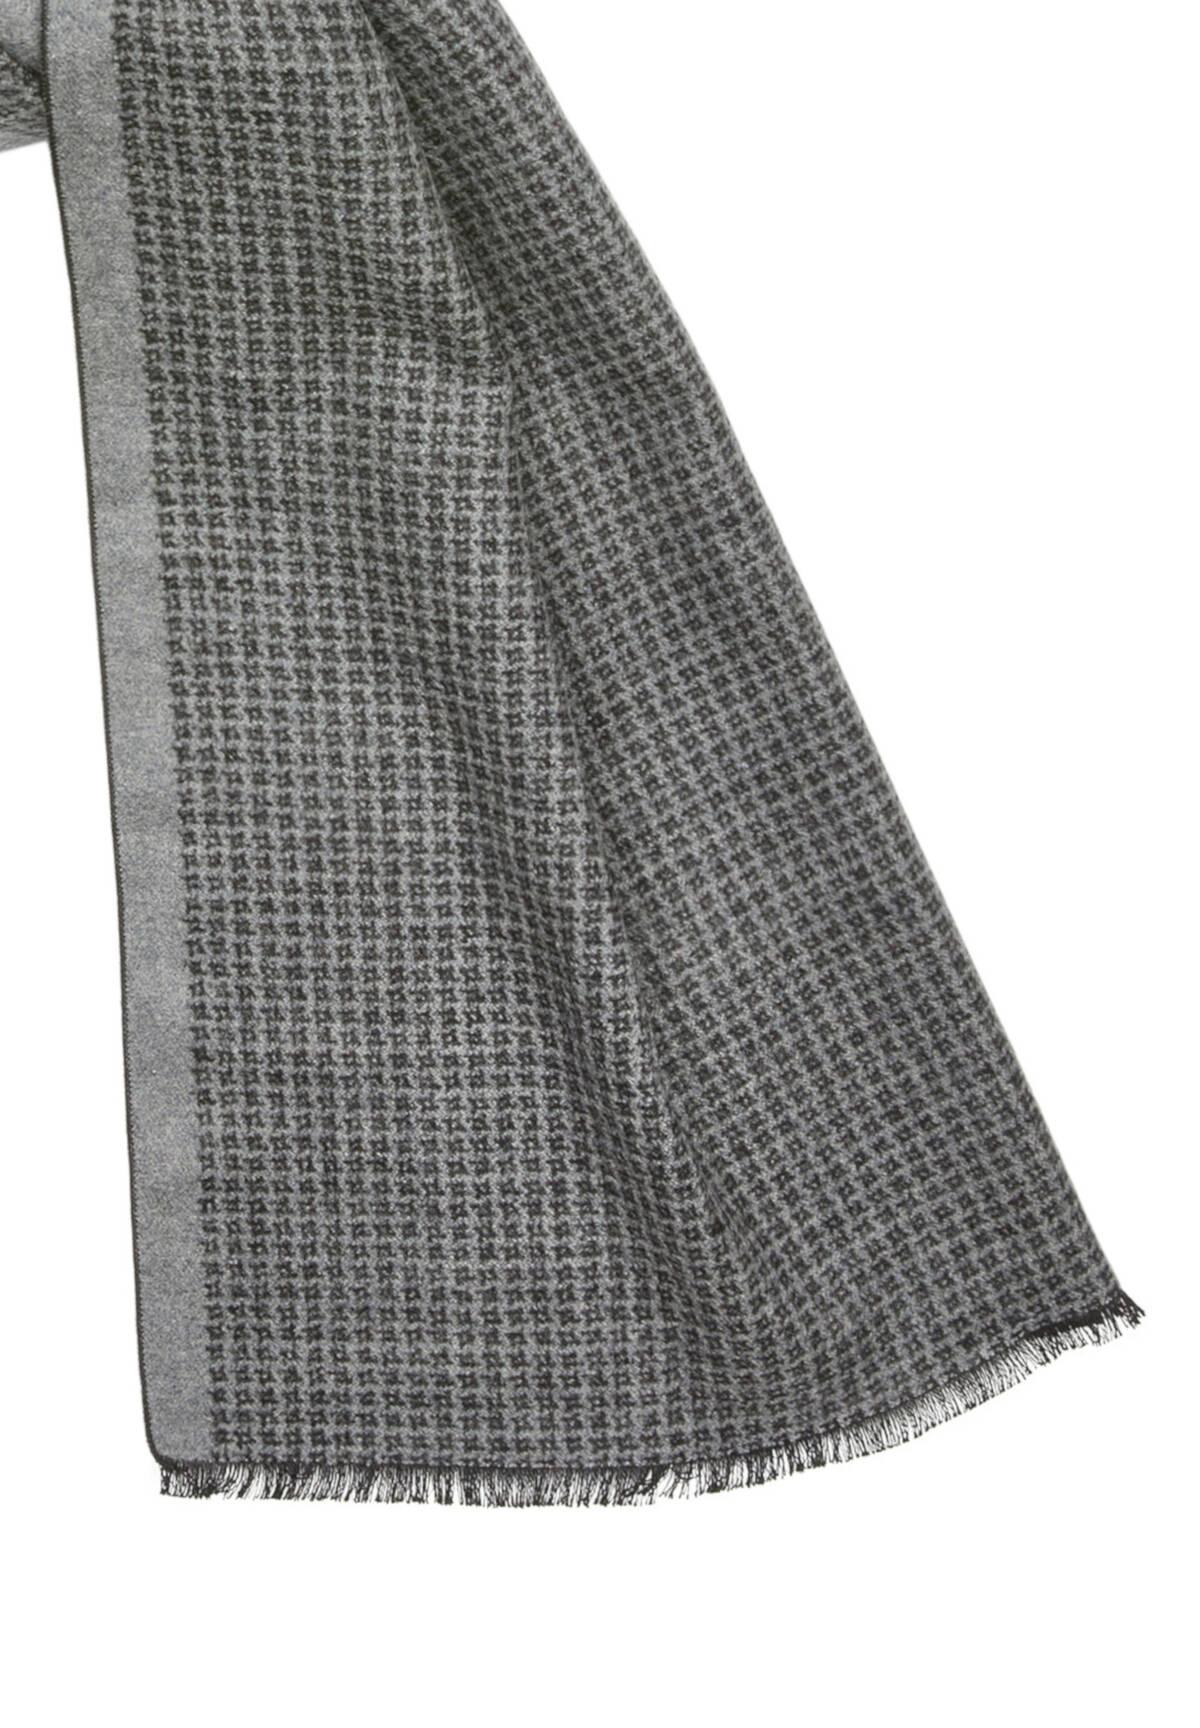 Schal 181 x 32,5 / SCARF SE